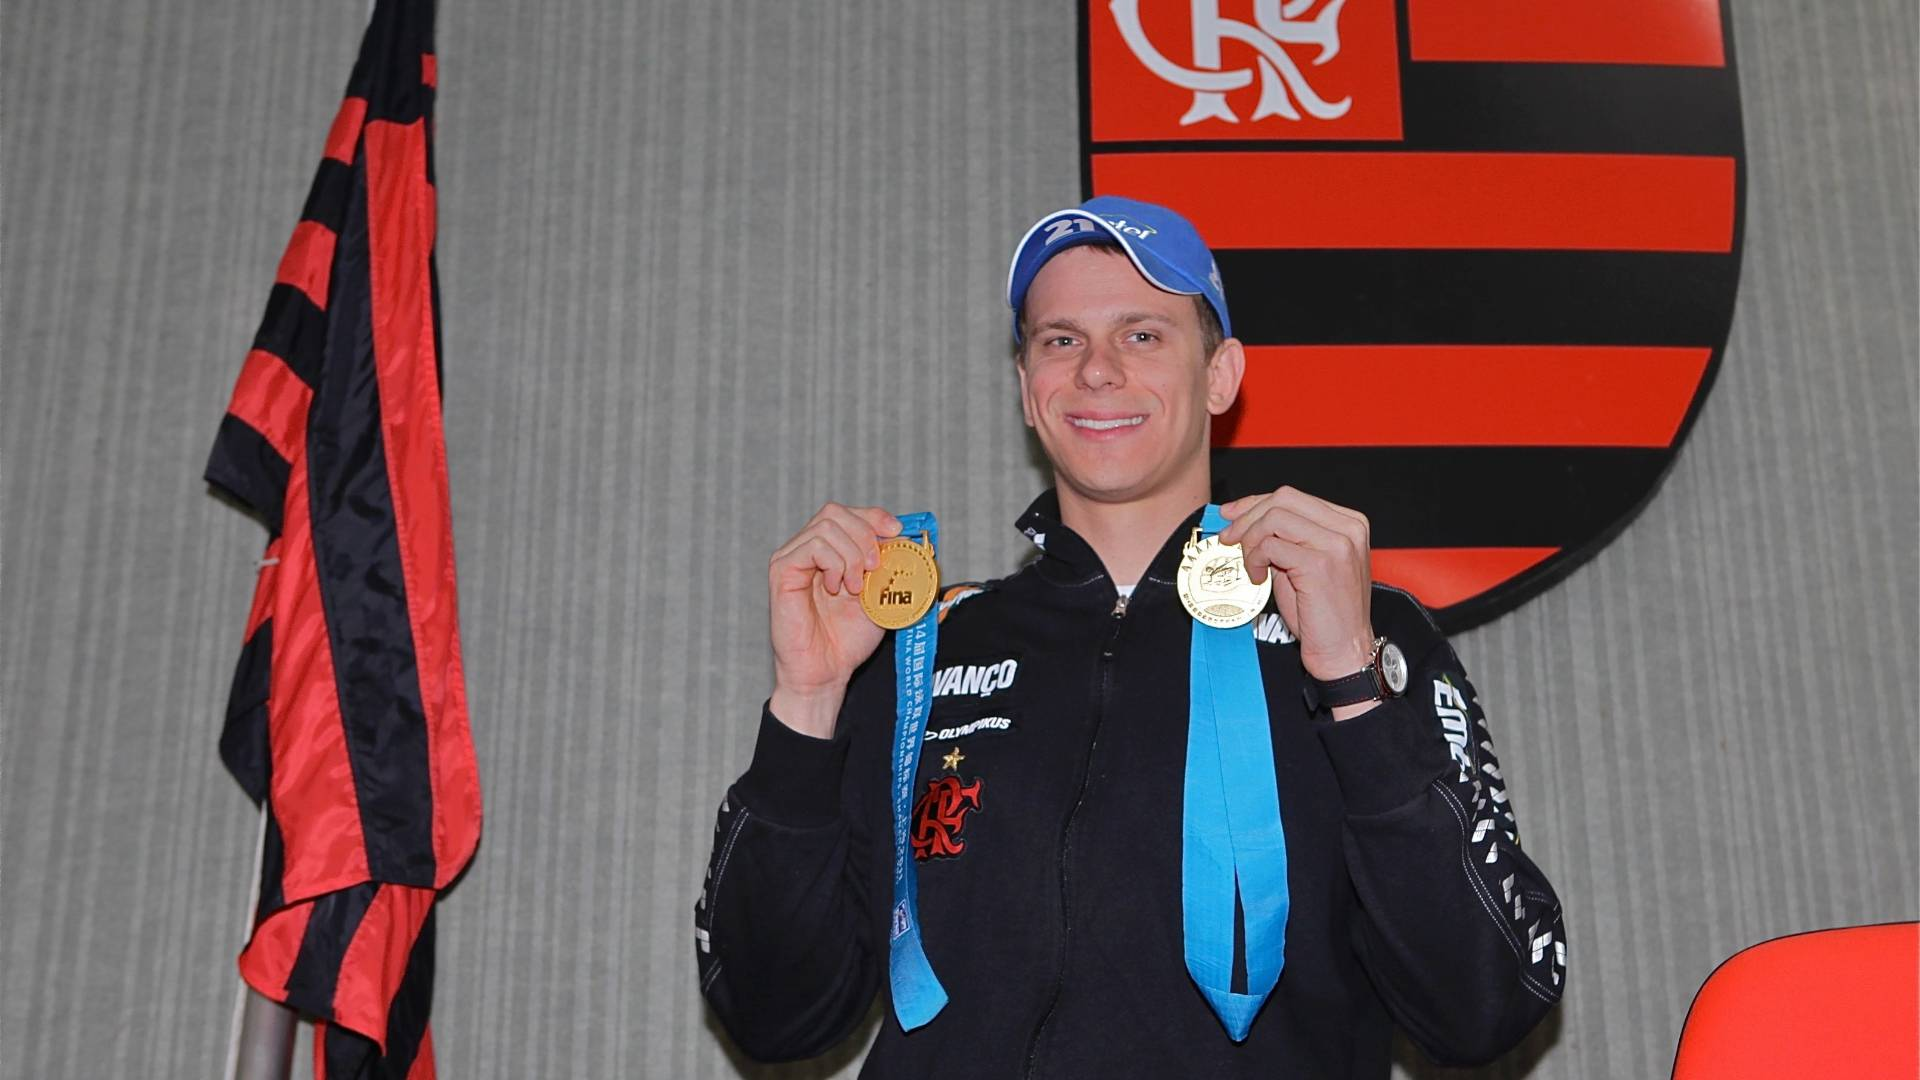 Cesar Cielo mostra seus dois ouros do Mundial de Xangai em coletiva no Flamengo